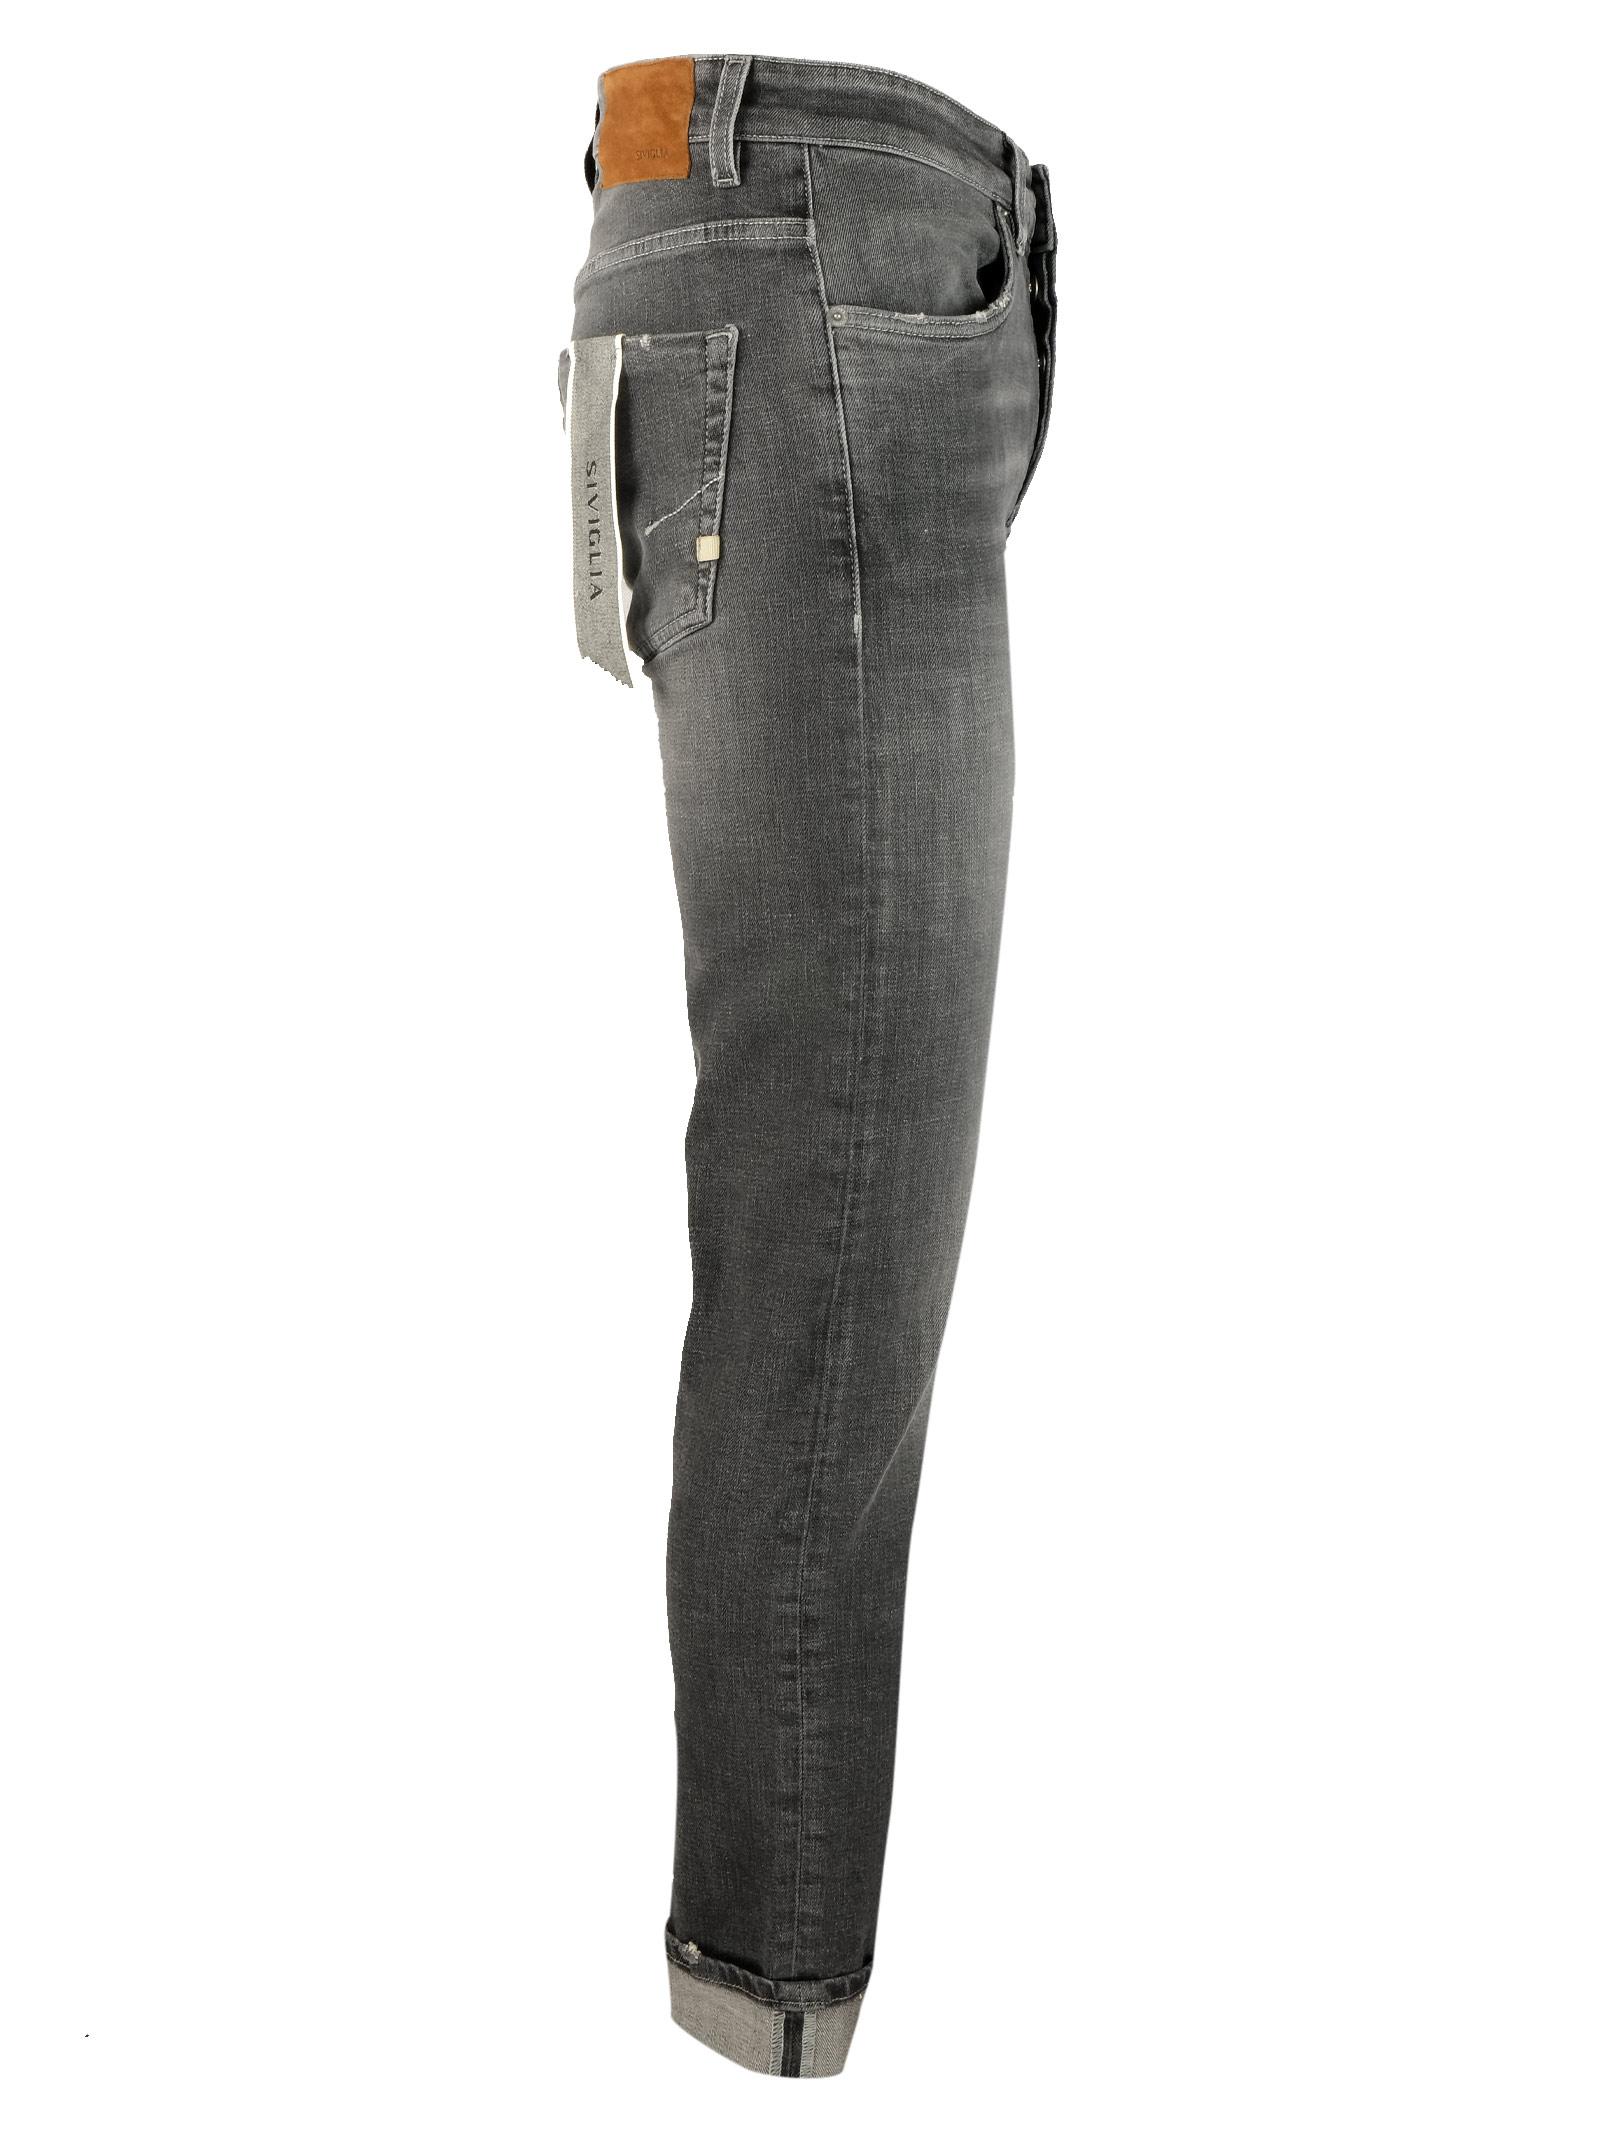 10oz. gray jeans SIVIGLIA | Trousers | MQ2001 801809002